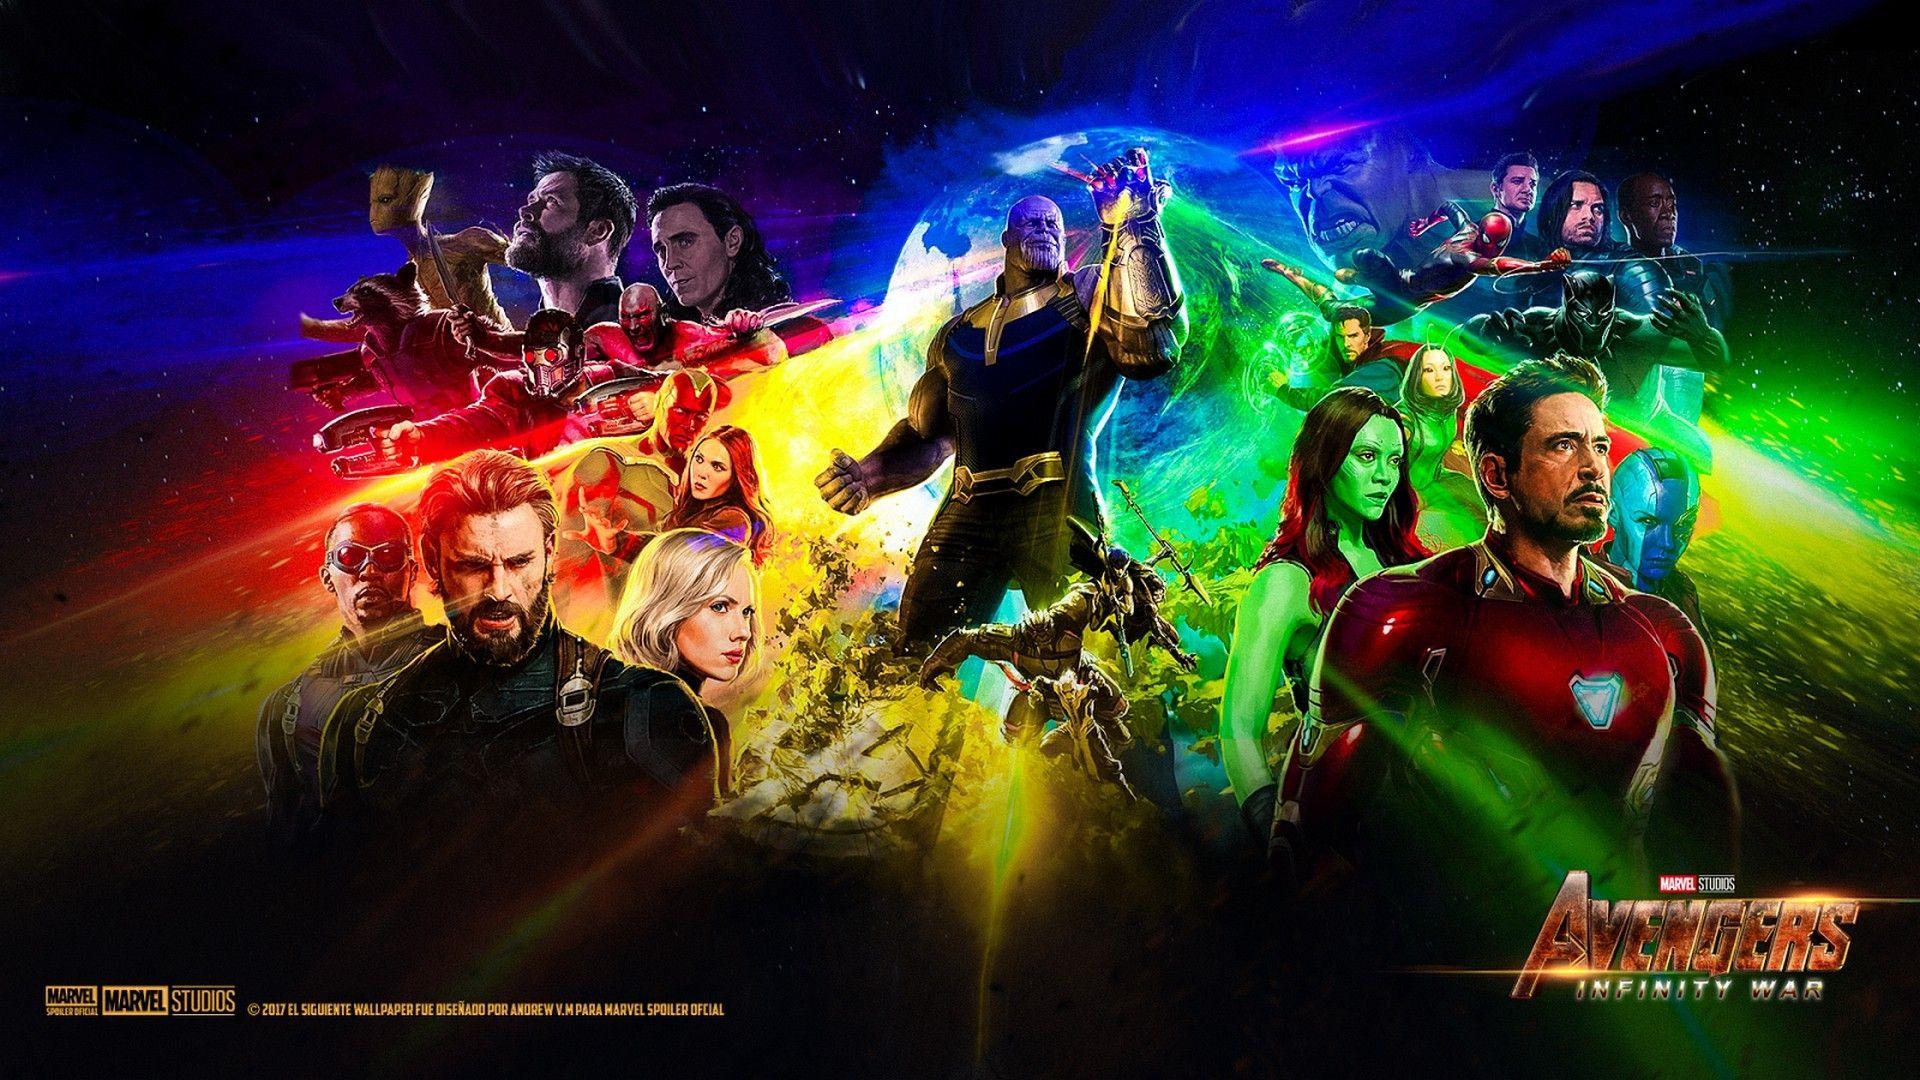 Desktop Wallpaper Avengers 3 Best Hd Wallpapers Wallpaperscute